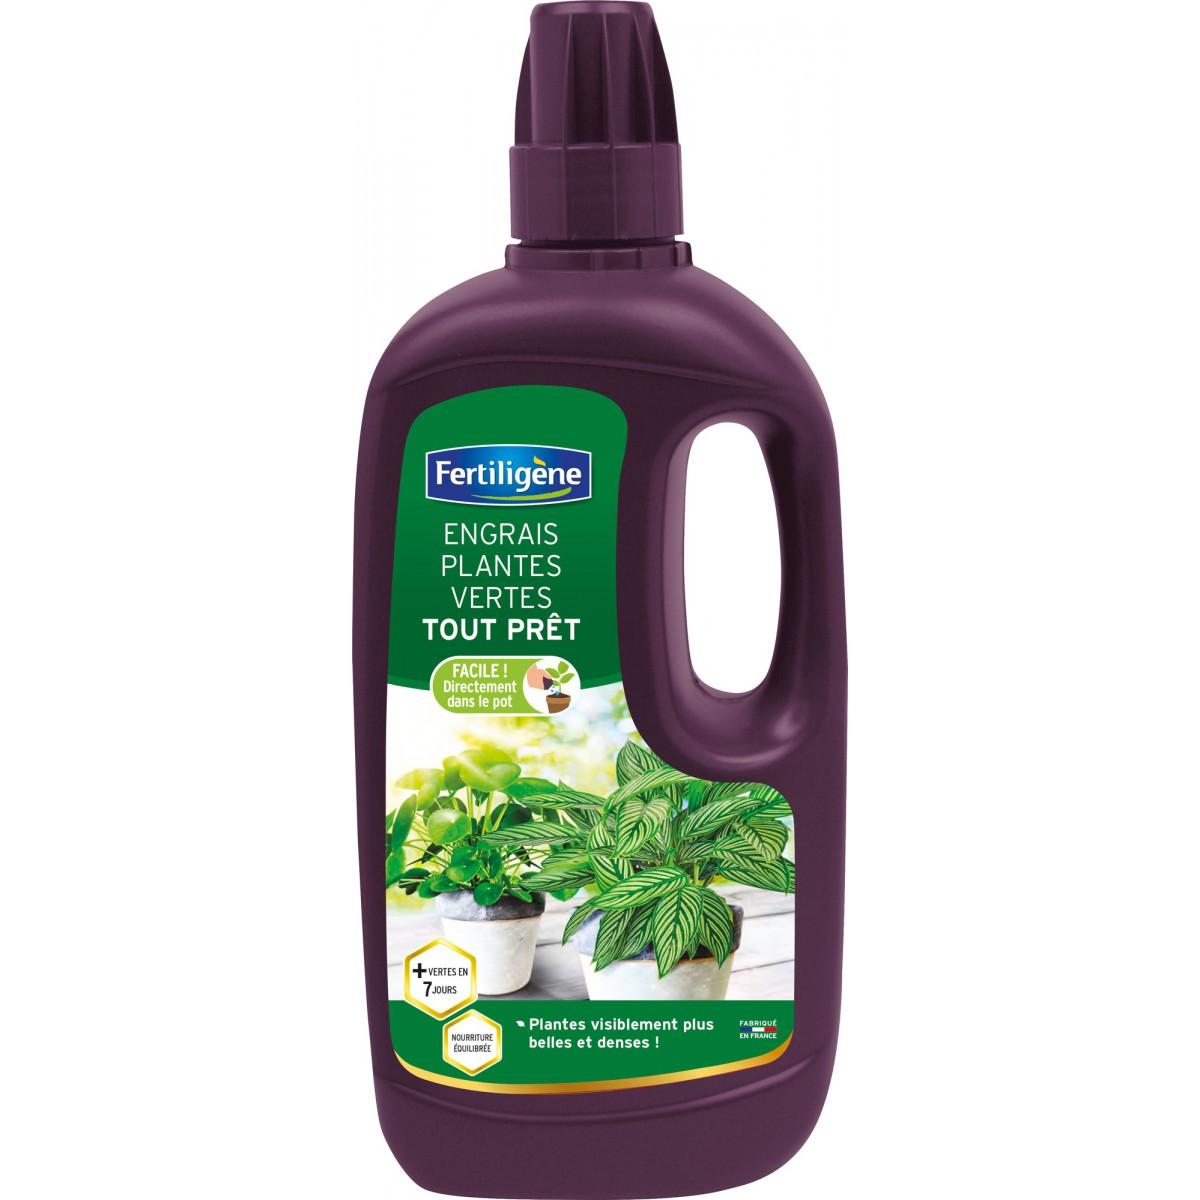 Engrais plantes vertes tout prêt Fertiligène - 1 l